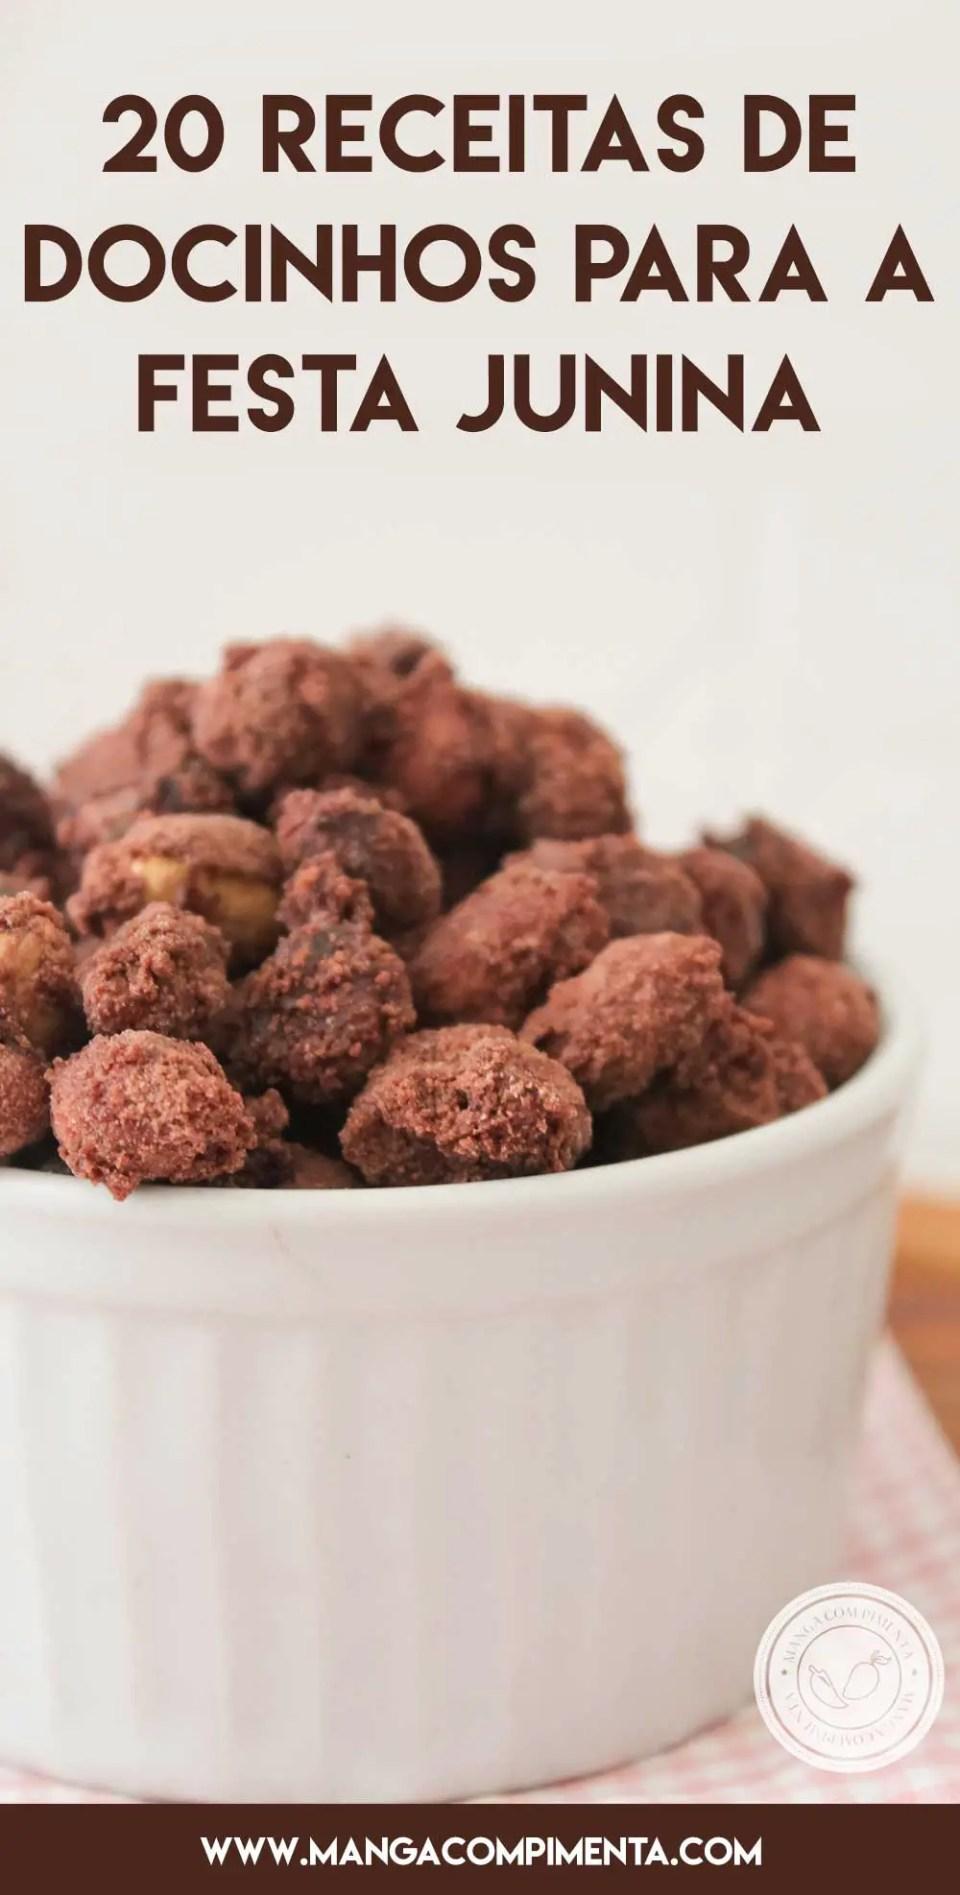 20 Receitas de Docinhos de Festa Junina - selecione as receitas que você mais gosta para preparar um arraial delicioso.